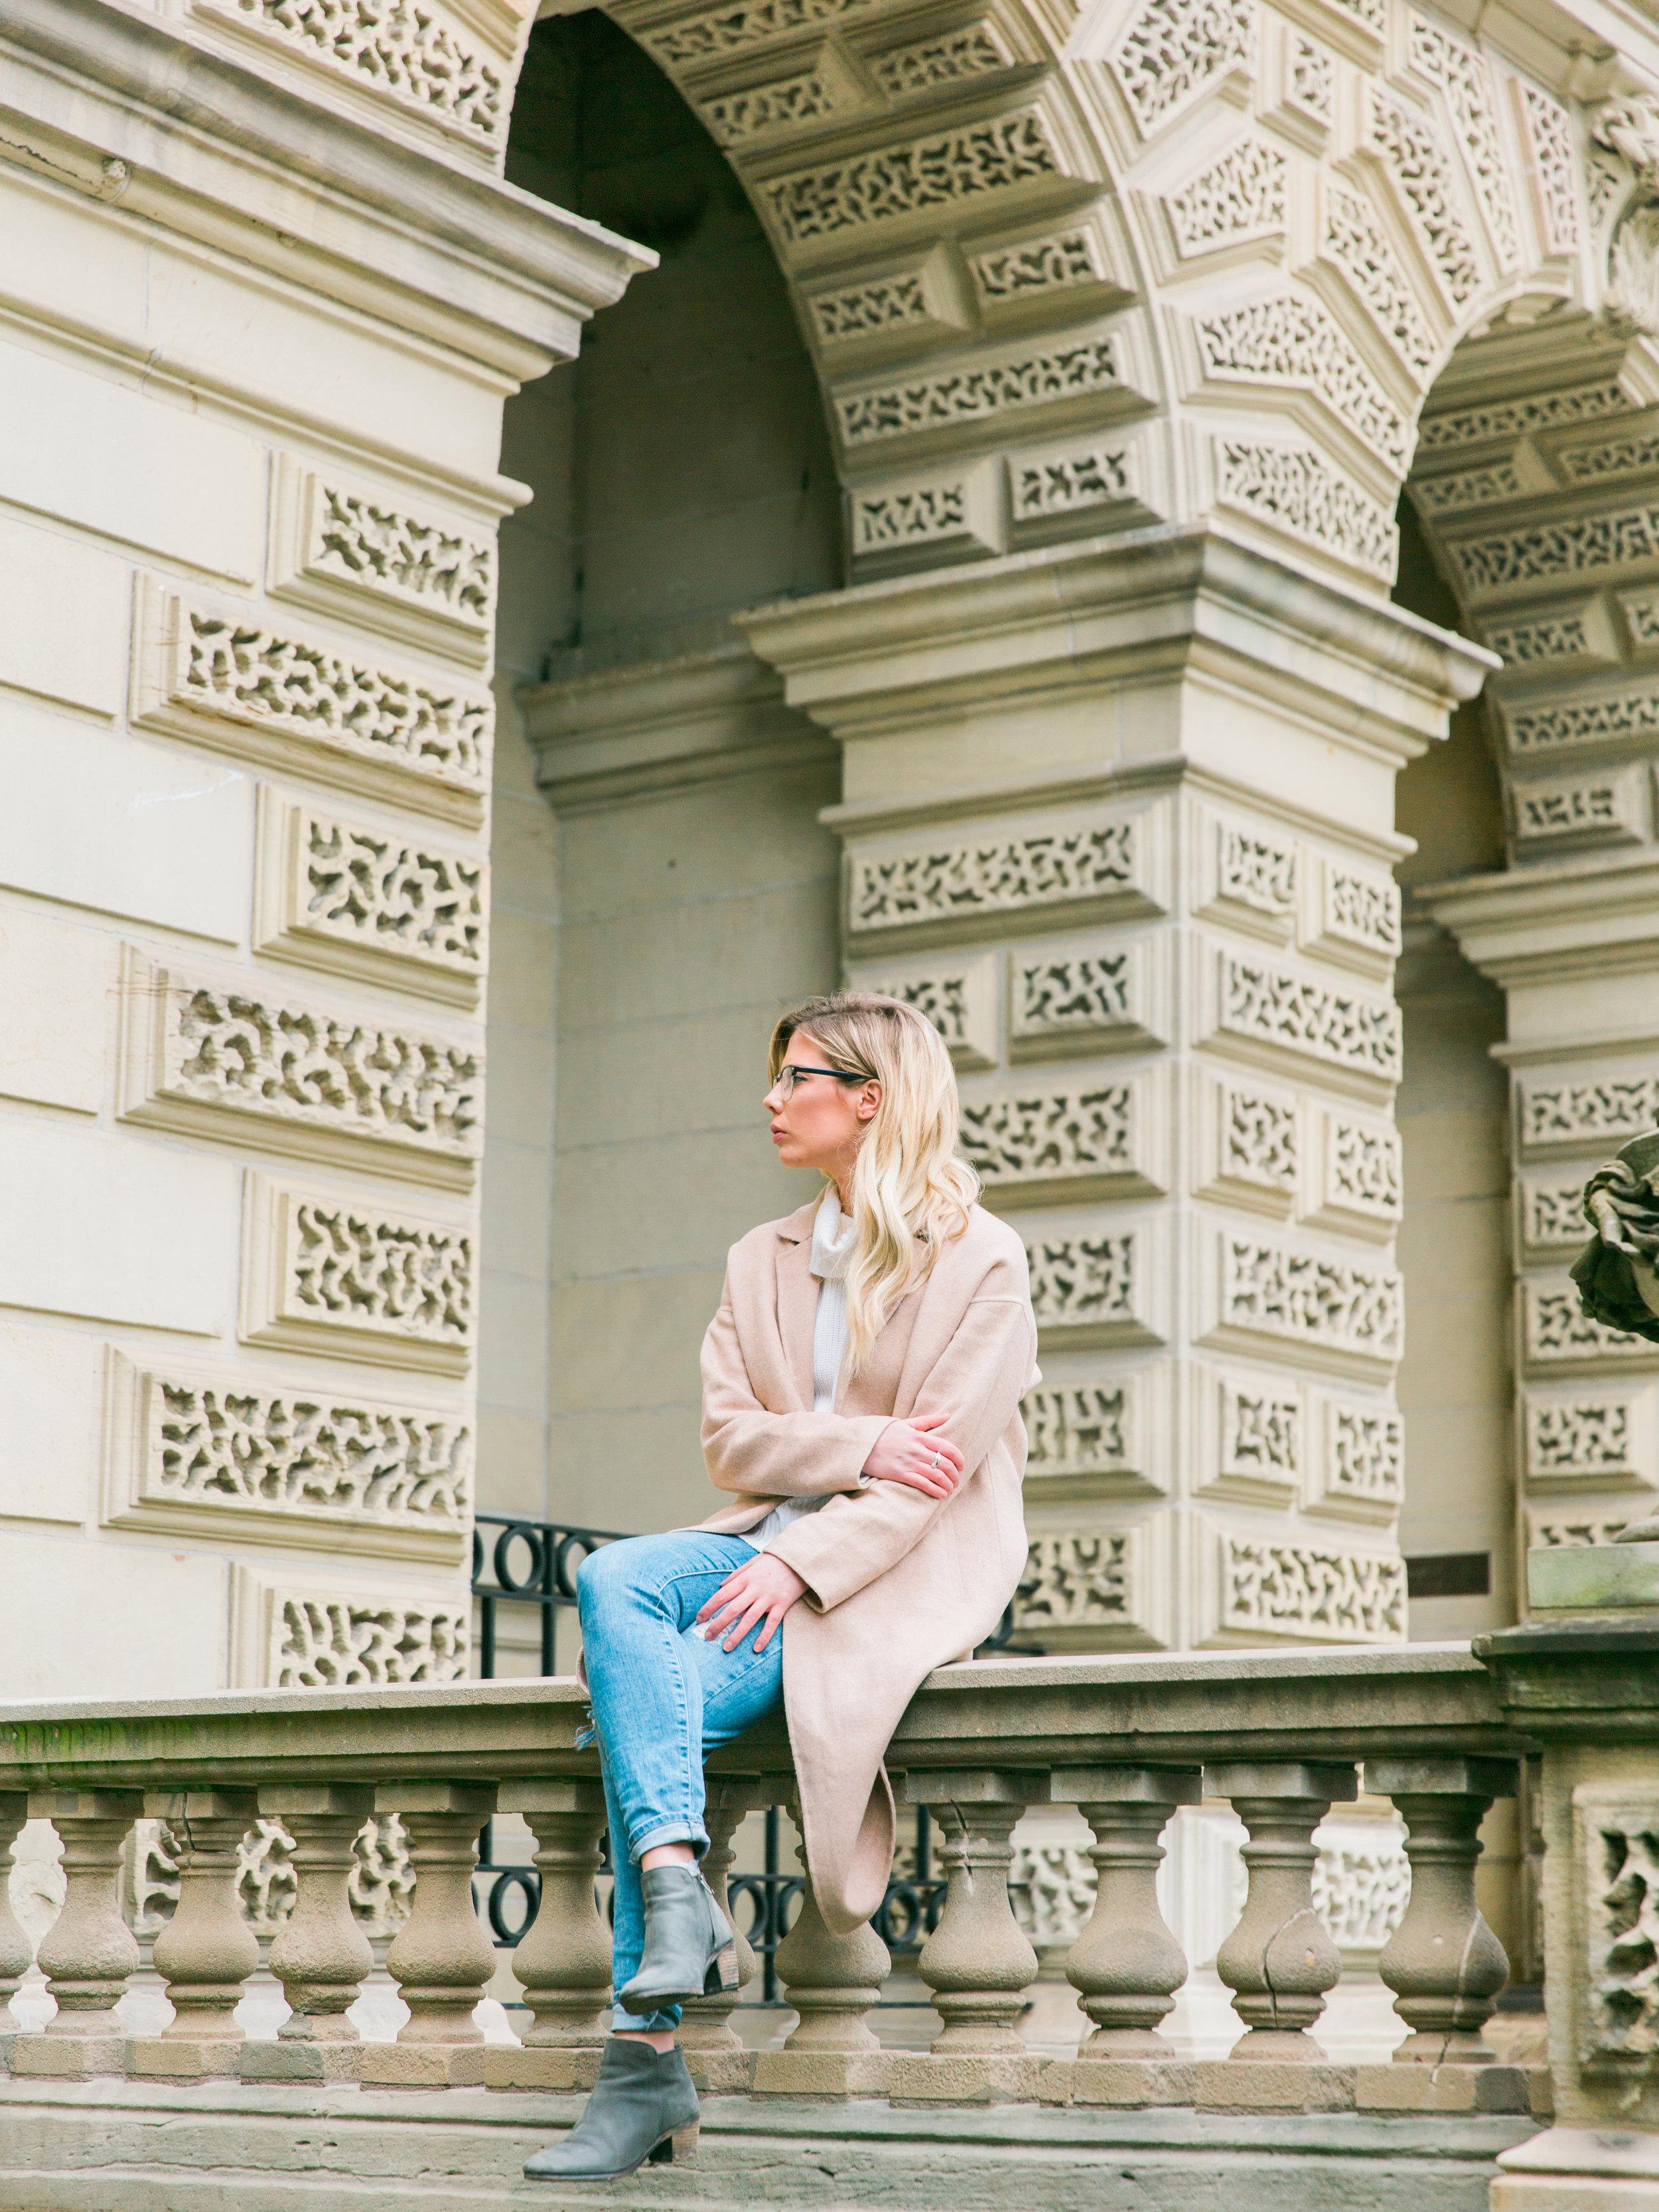 Amir-Danielle_Portrait-Photography_Hannah_Marshall_112.jpg